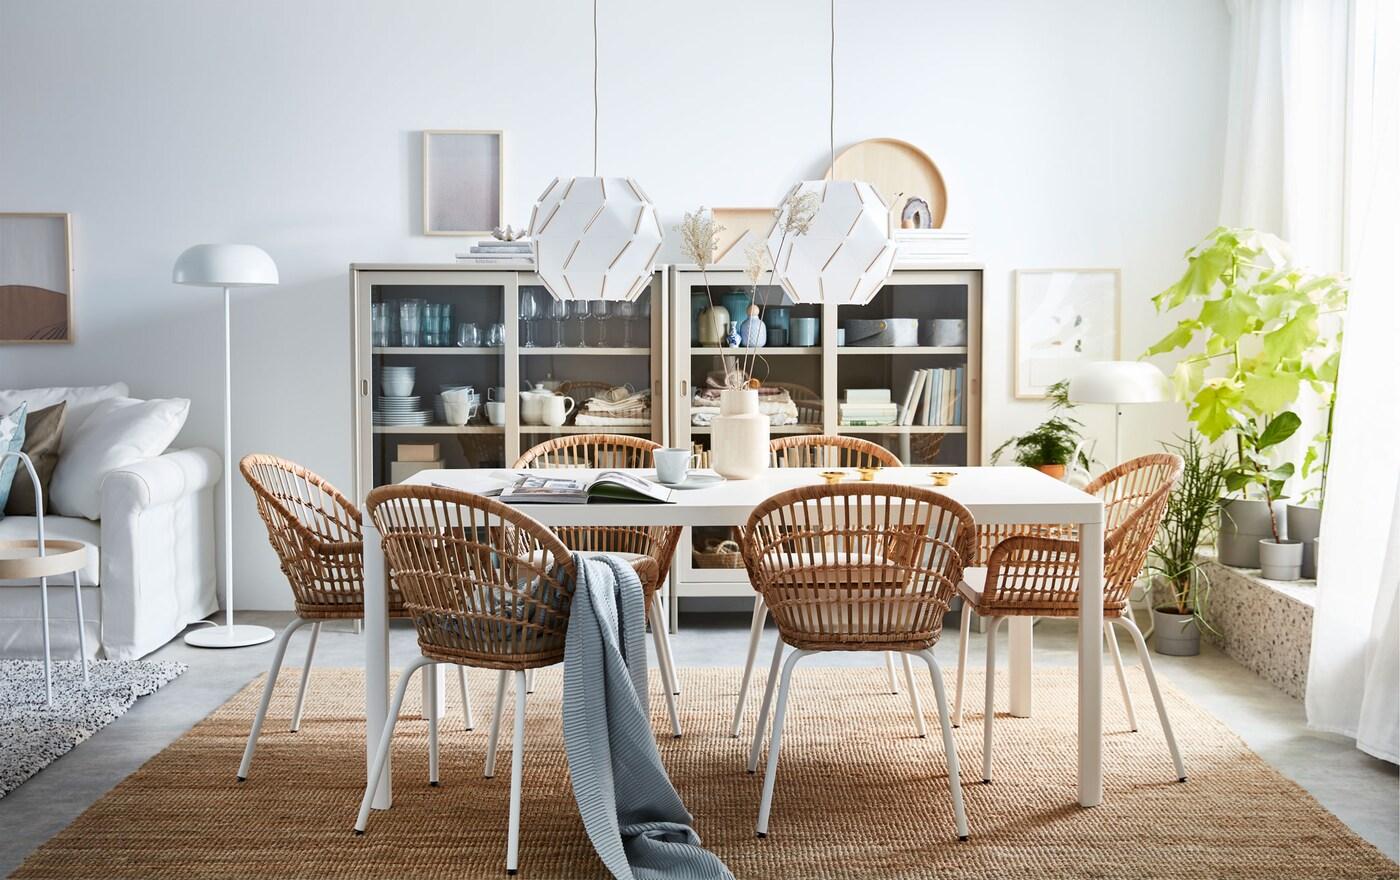 Completează-ți sufrageria sau zona de luat masa cu noile scaune NILSOVE din ratan, cu brațe.  Fibrele naturale împletite din fiecare scaun sunt împletite individual, conferindu-i fiecăruia unicitate.